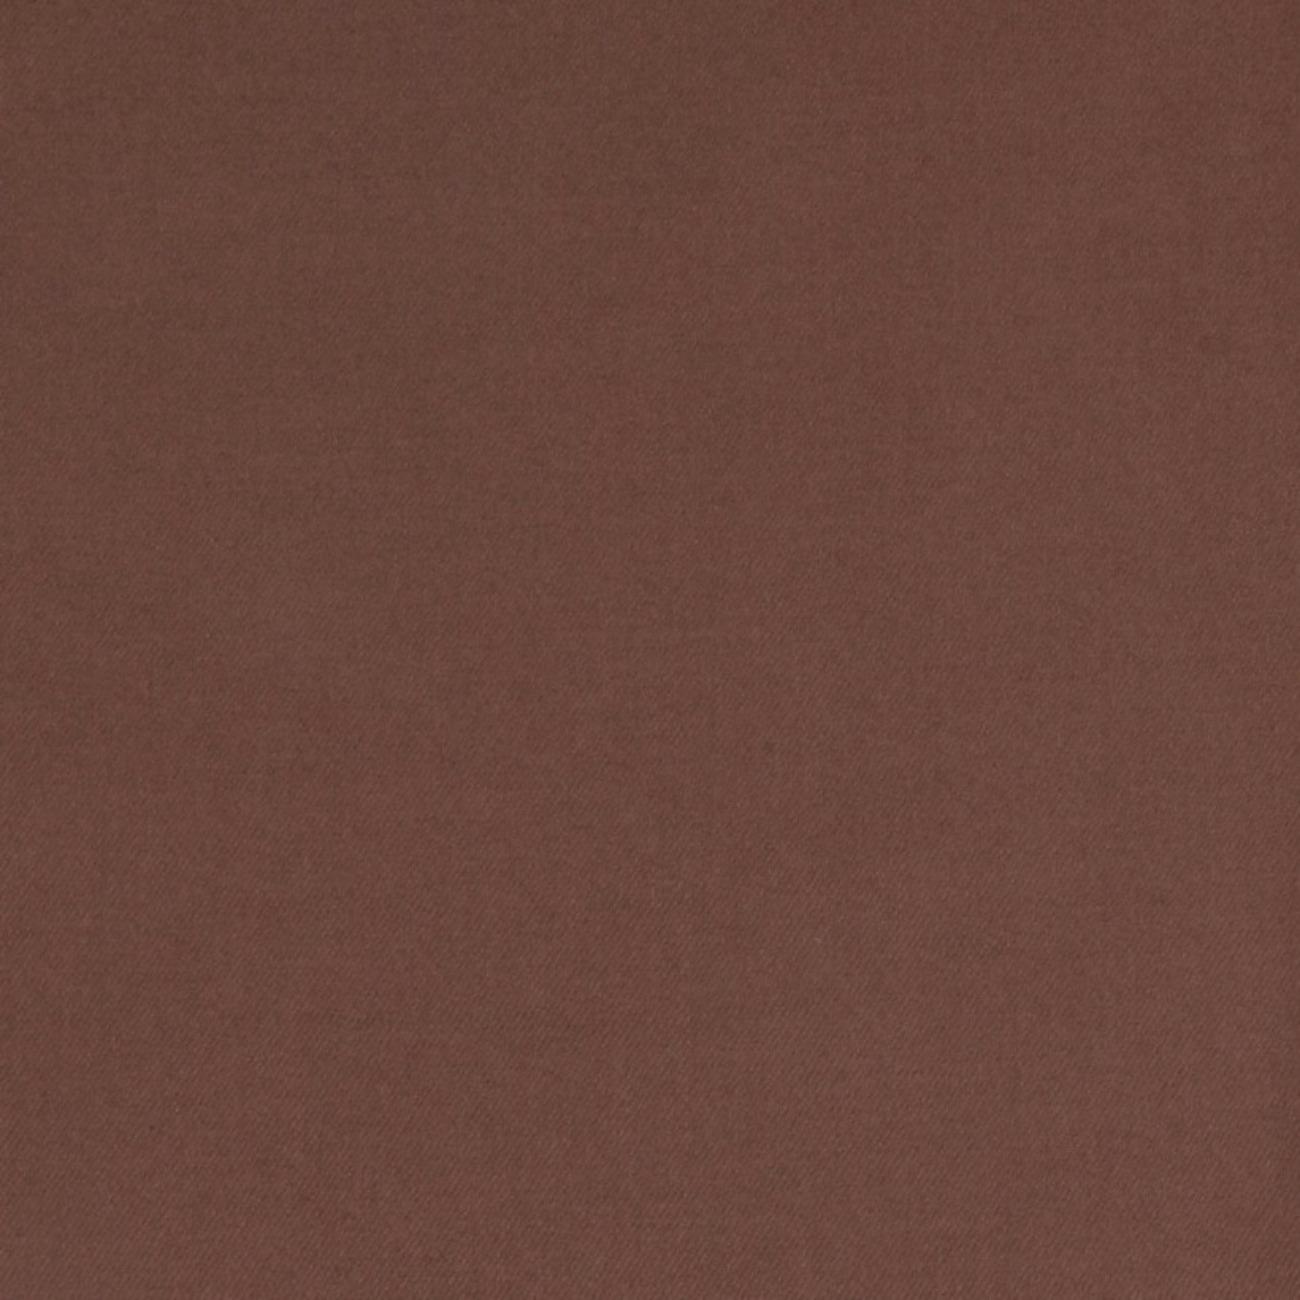 期货 素色斜纹柔软外套连衣裙 短裙 春秋冬外套 裤子 61219-49